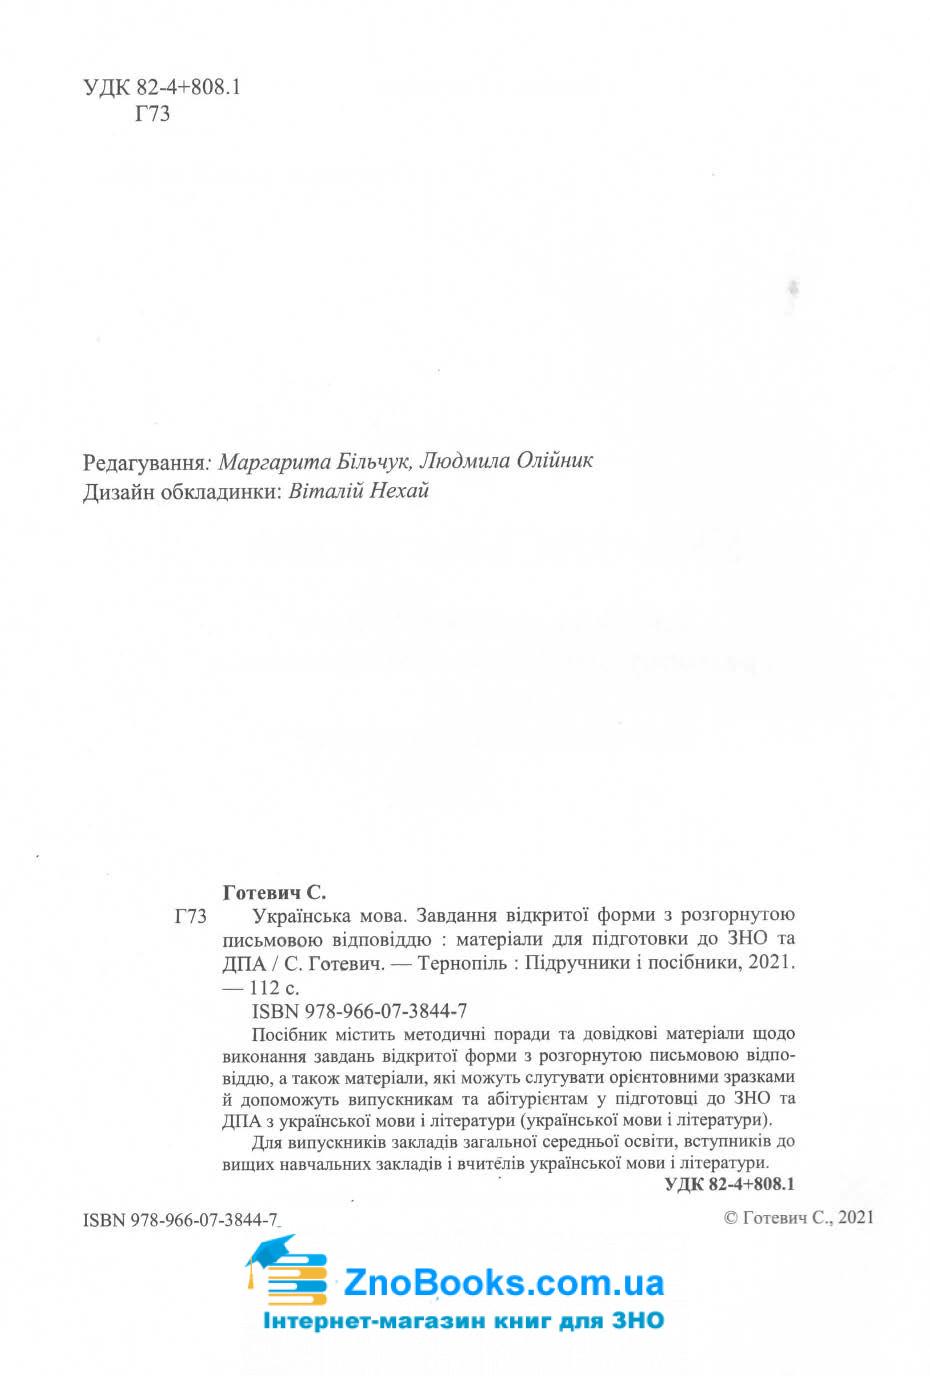 Завдання відкритої форми з розгорнутою письмовою відповіддю. Українська мова ЗНО 2021 : Готевич С. 2